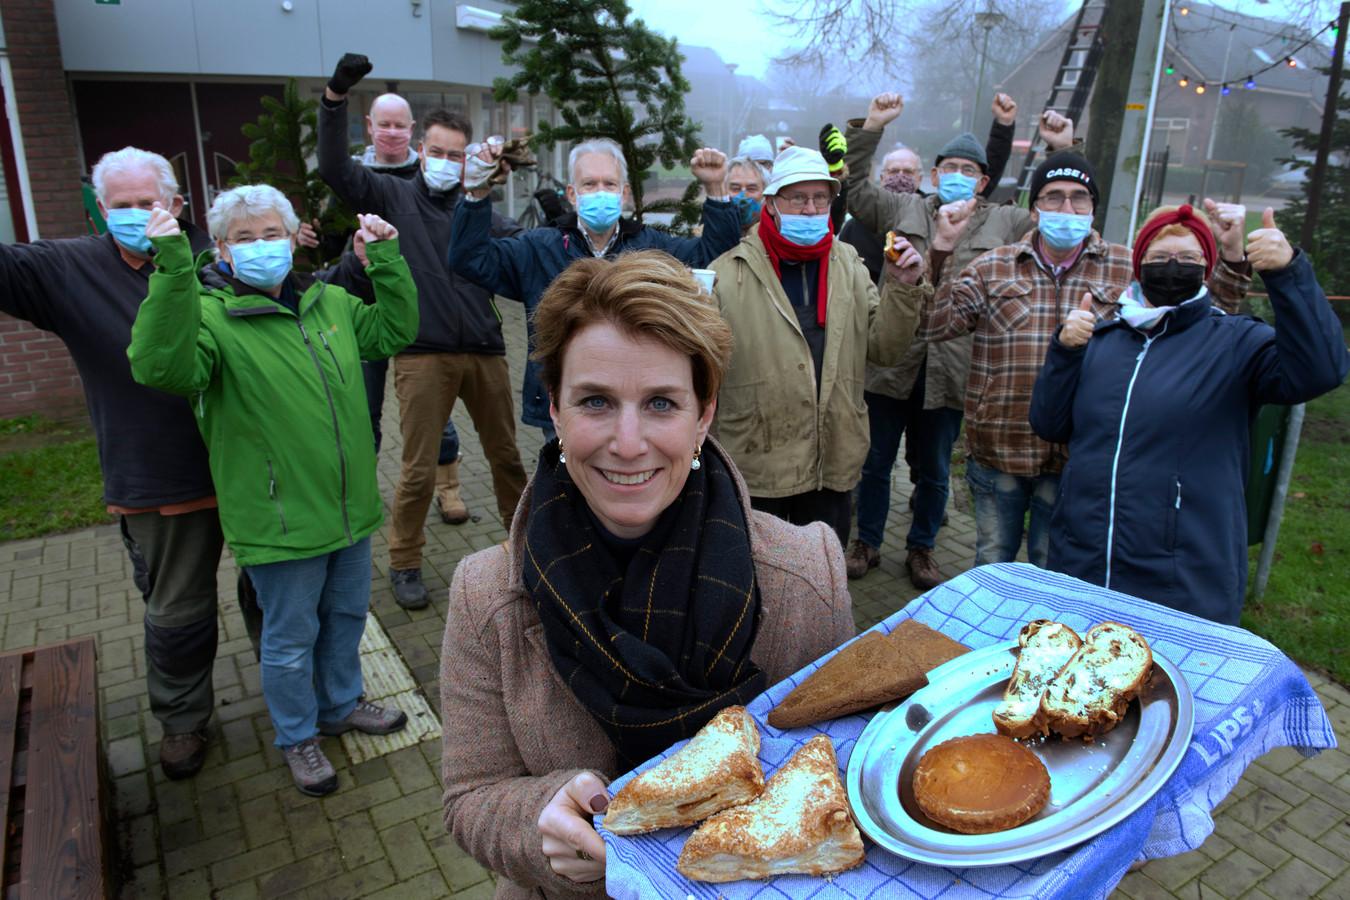 Vrijwilliger Haske van Dam bij het dorpshuis Tricht met vrijwilligers op de achtergrond tijdens de kerstboom opzetten.